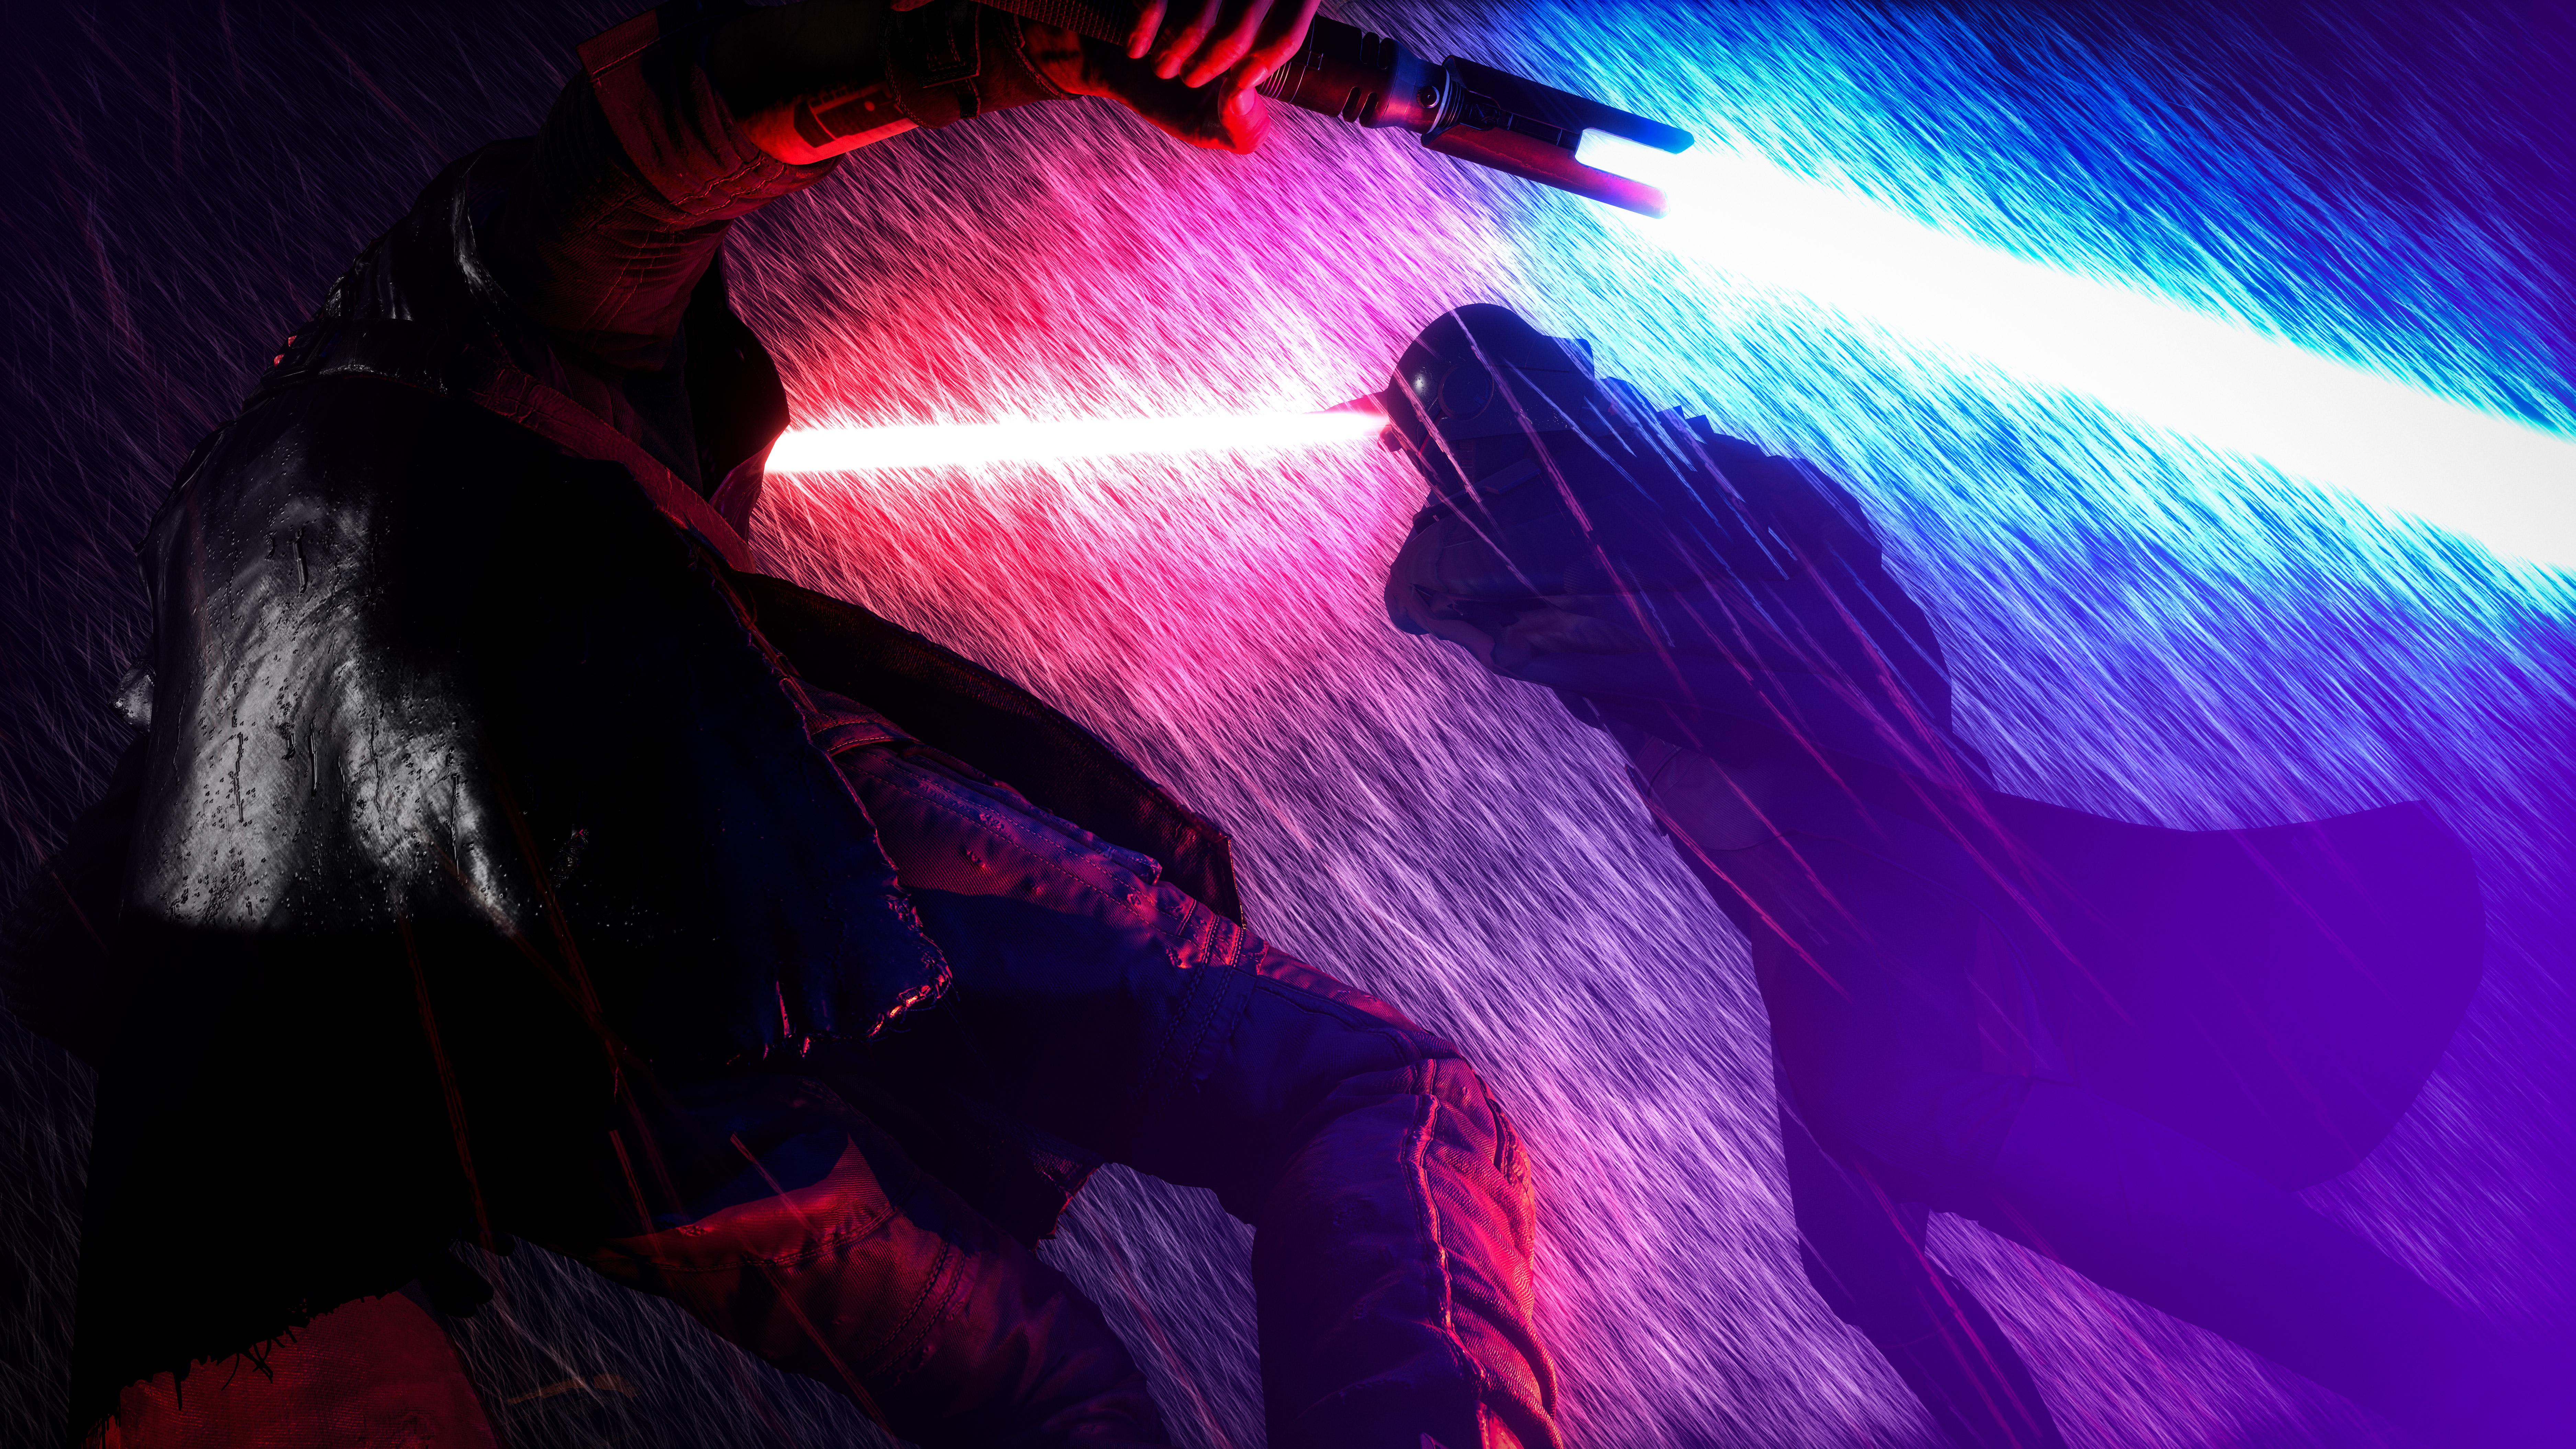 Star Wars Jedi Fallen Order 5k Retina Ultra Hd Wallpaper